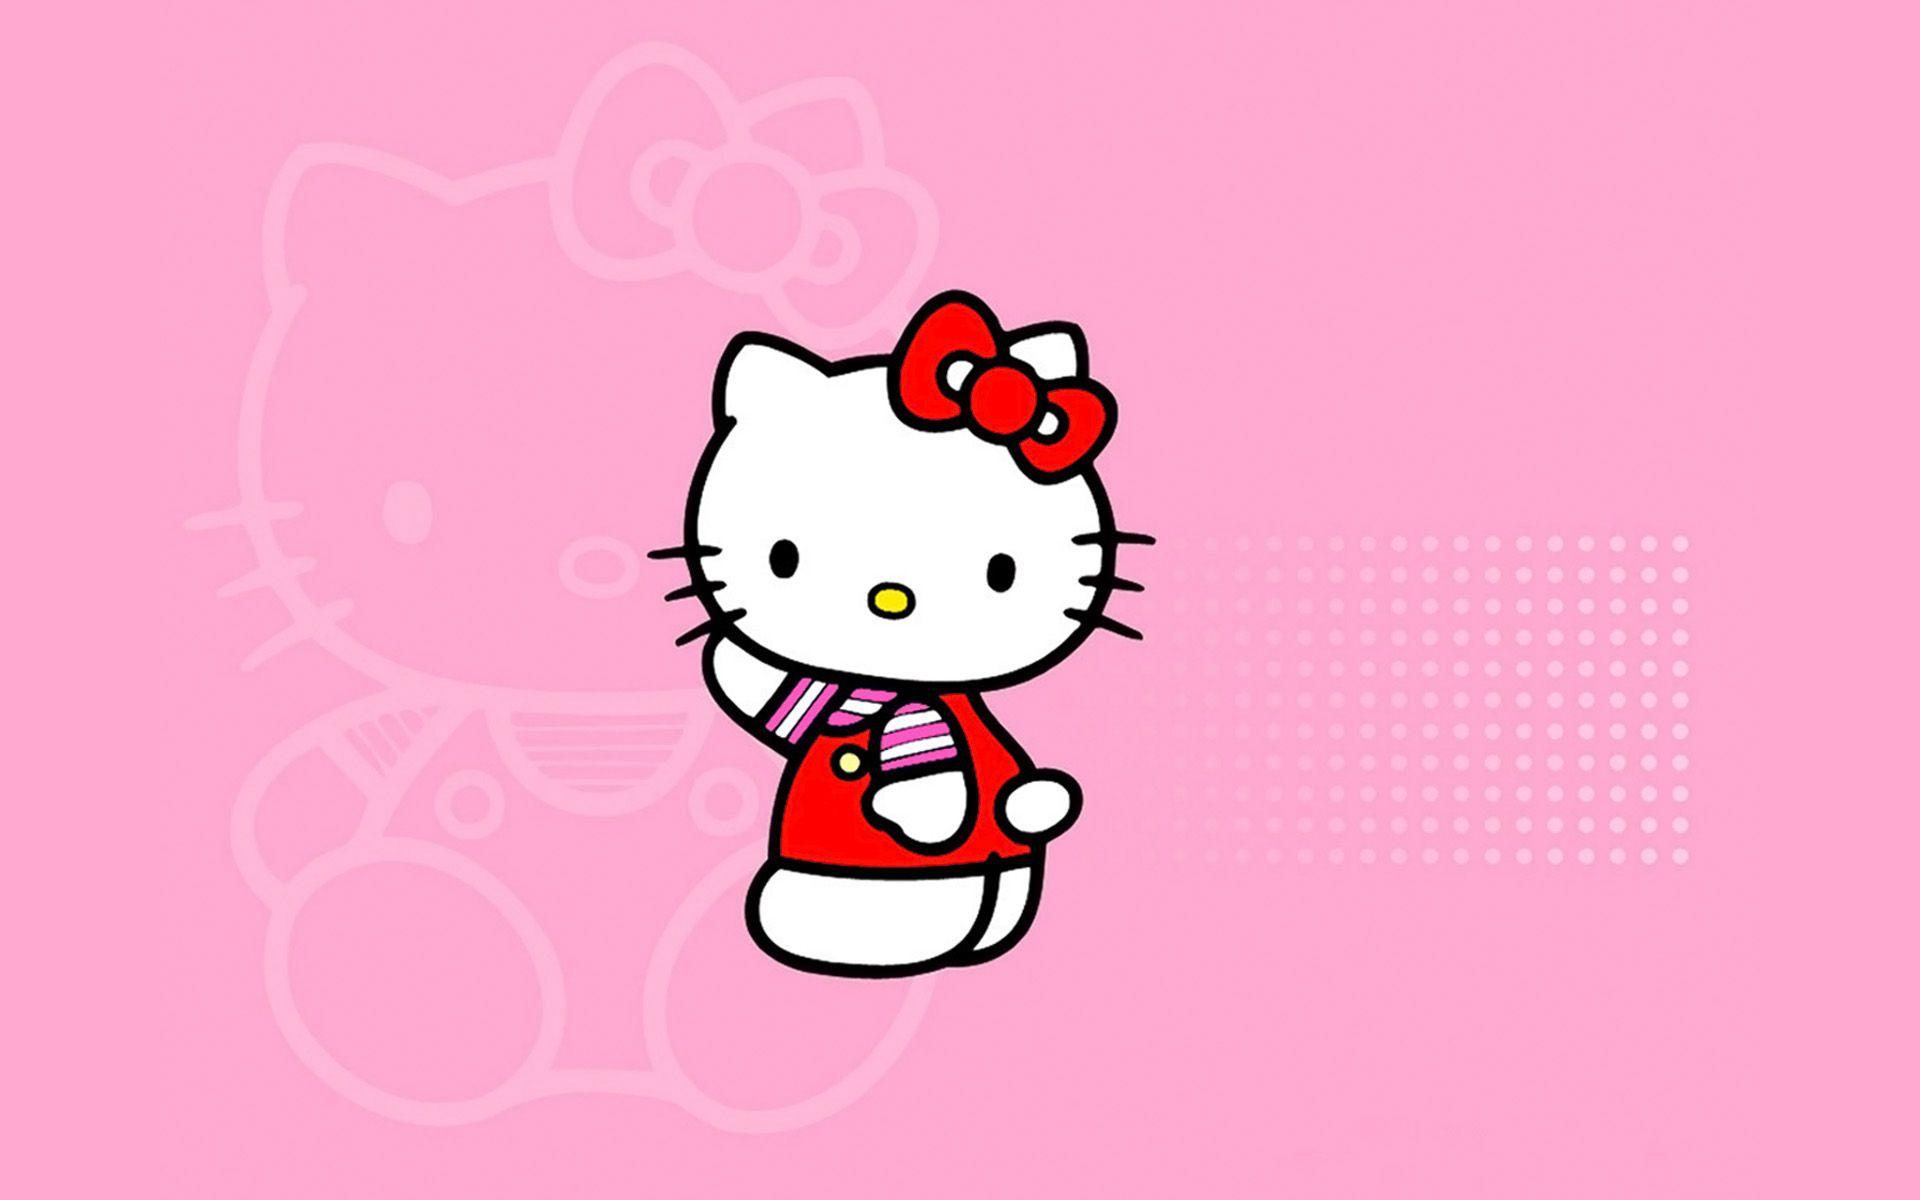 Pink Hello Kitty Wallpaper Hello kitty iphone wallpaper